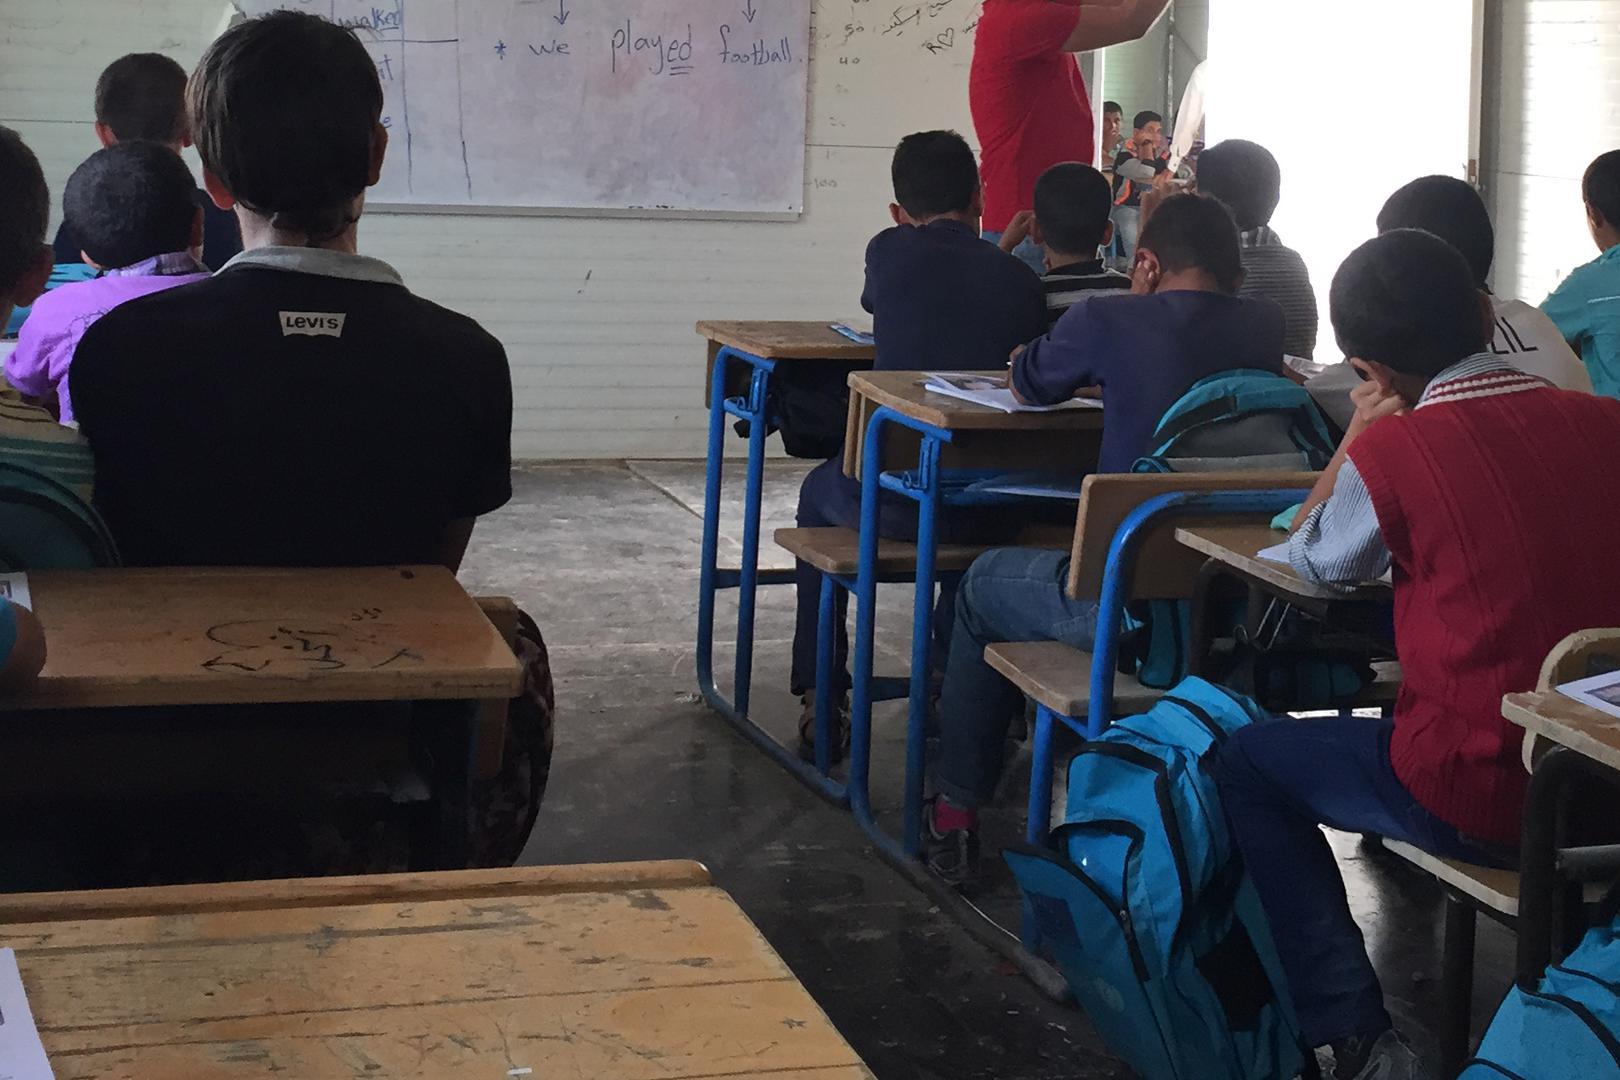 Syrische Kinder besuchen eine Schule im Flüchtlingslager Zaatari im norden Jordanien, 20. Oktober 2015. Die Schule unterrichtete syrische Maedchen morgens und Jungs abends. Ihr fehlt es aber an Strom, Heizung und fliessendem Wasser.